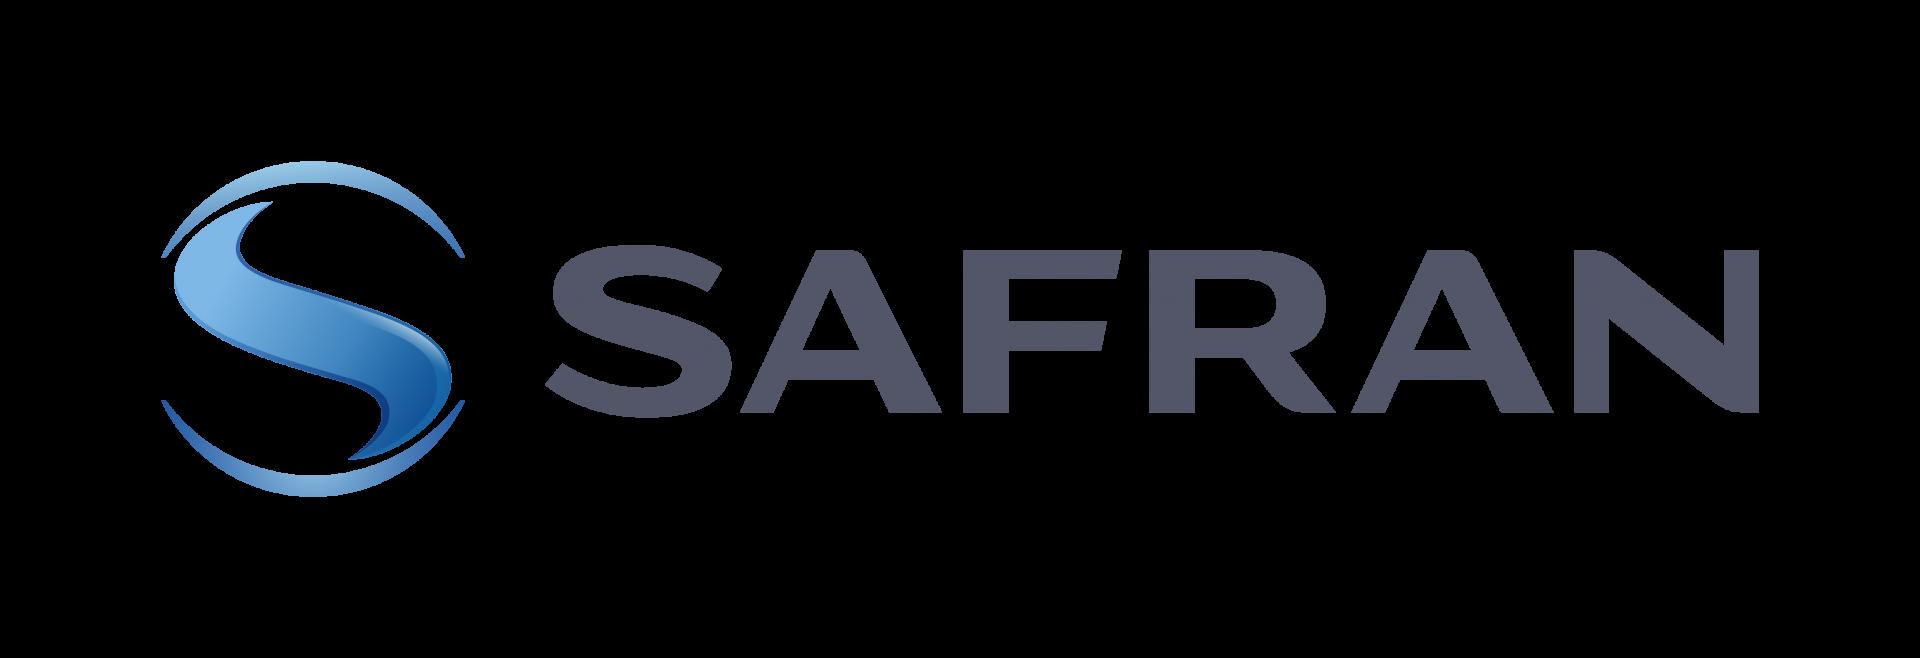 Newsletter Safran Nacelles